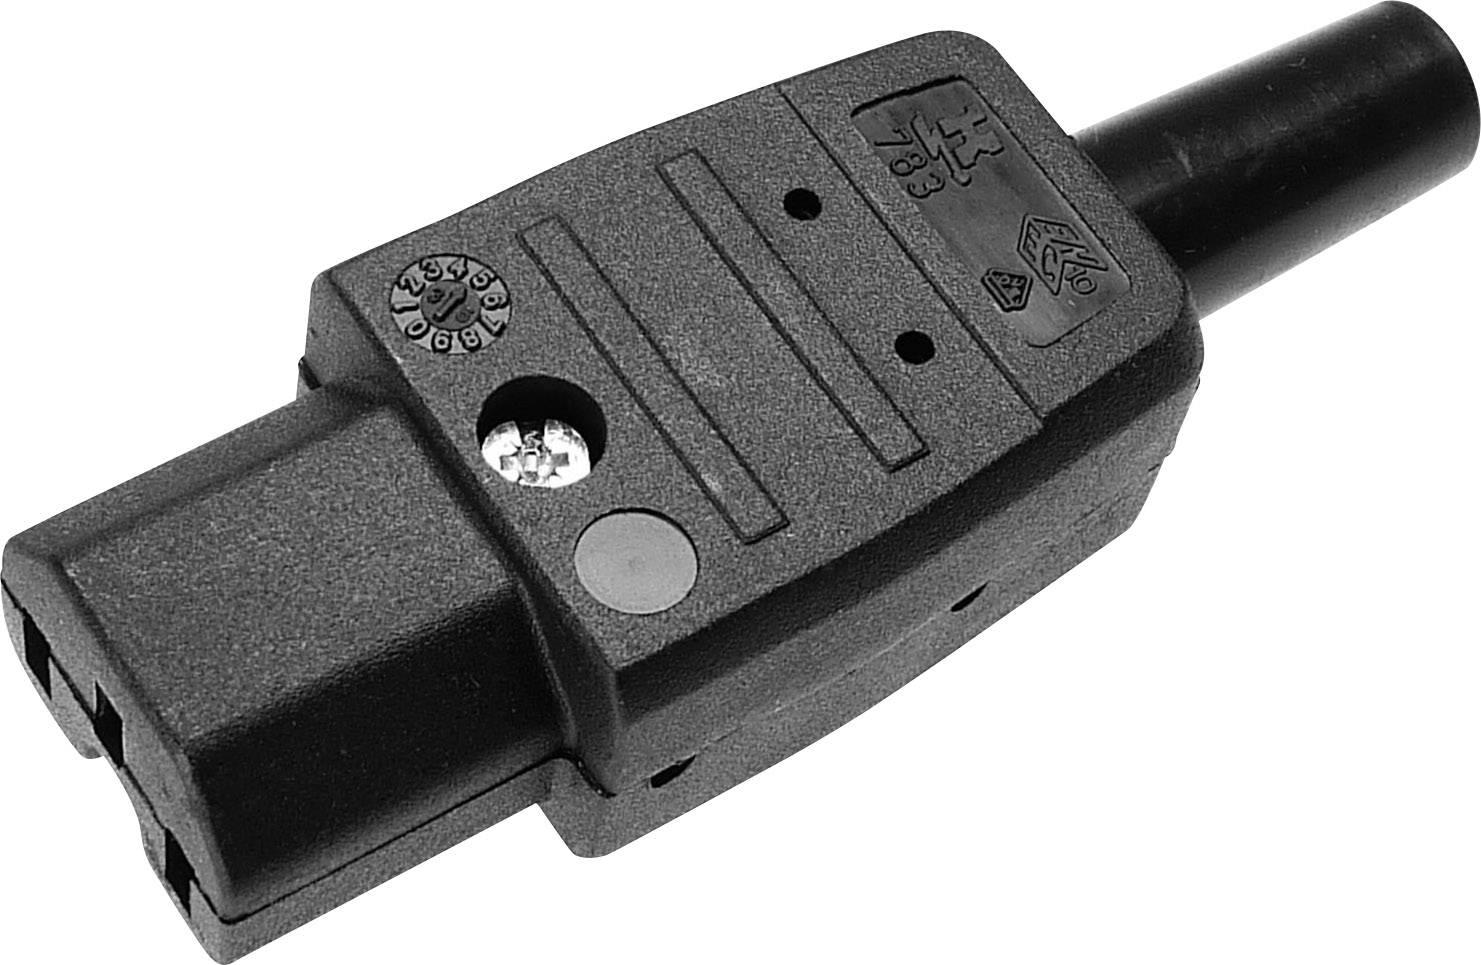 IEC konektor C15/C16 Kaiser 783/sw;C15, zásuvka, rovná, počet kontaktov: 2 + PE, 10 A, 250 V, čierna, 1 ks